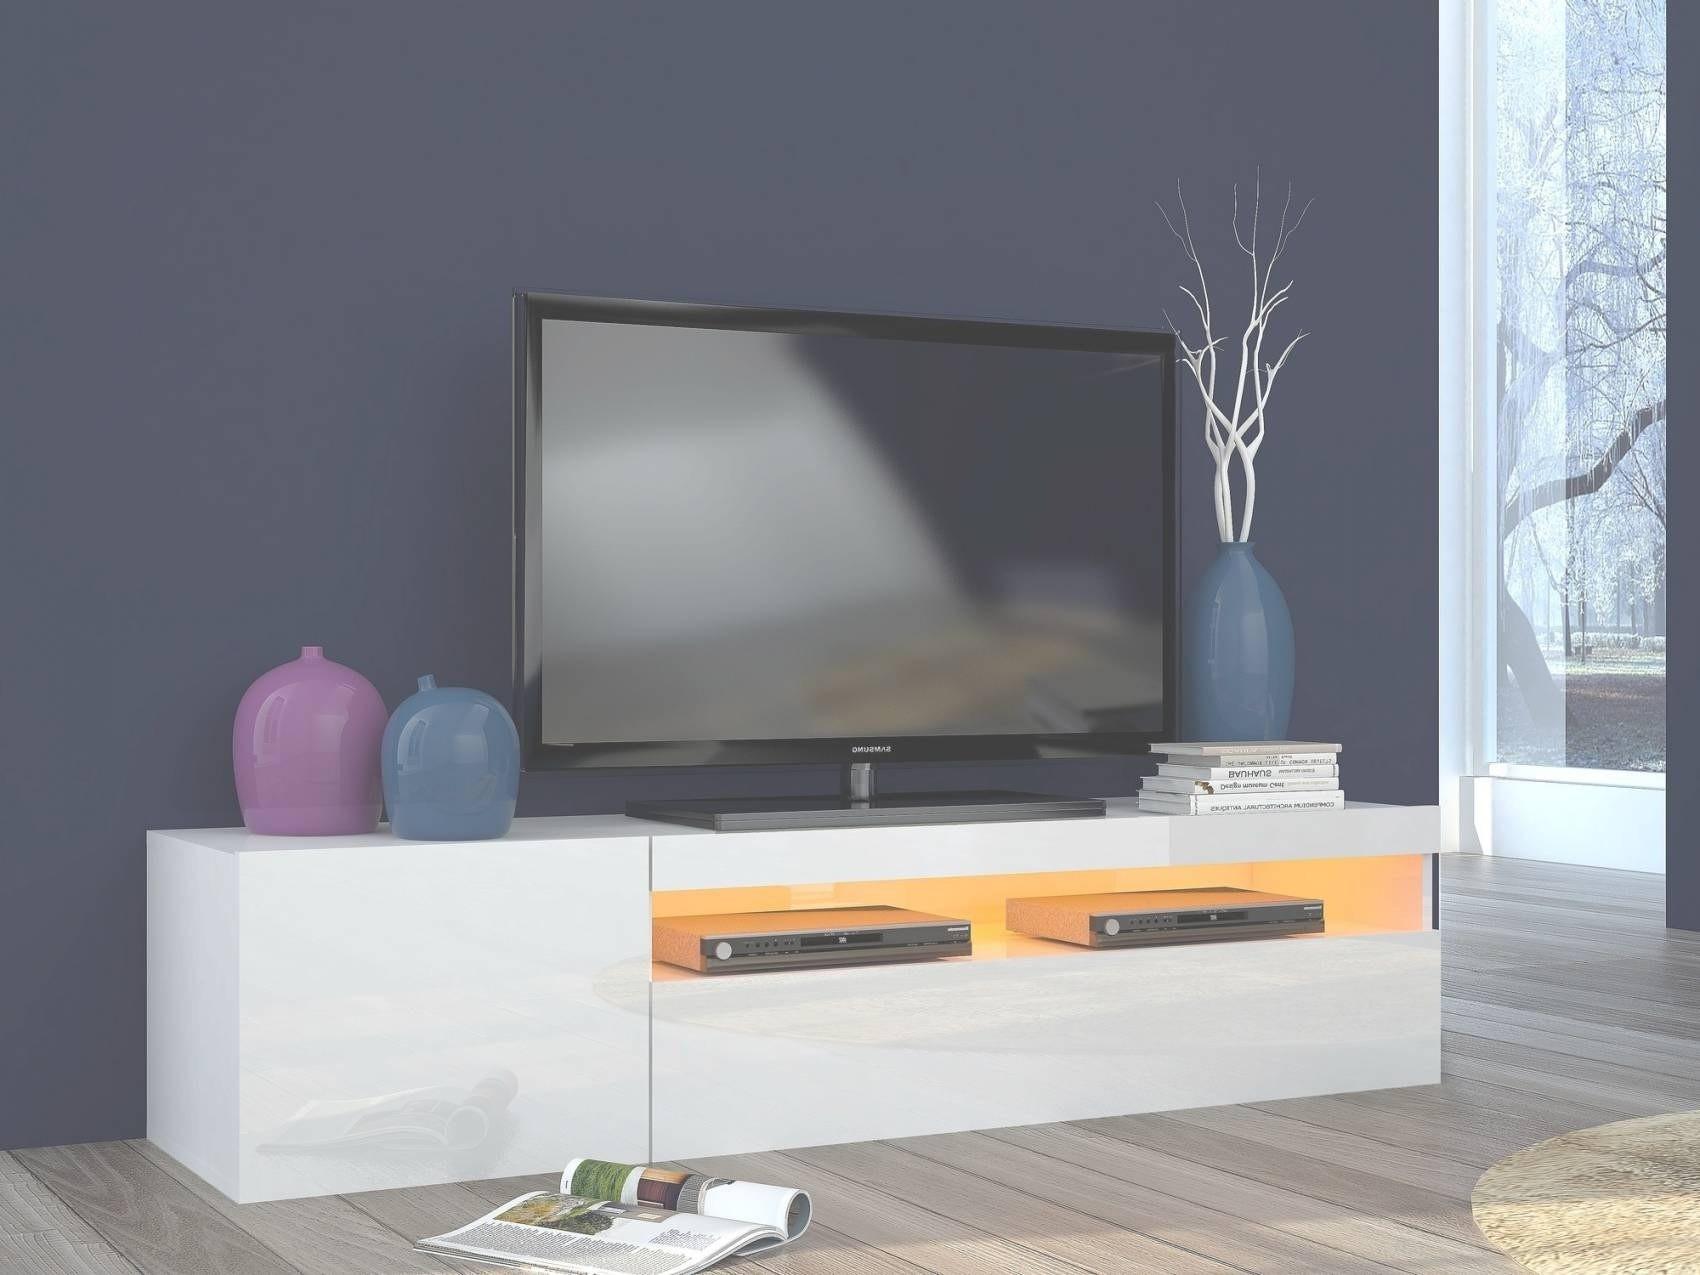 meuble tv haut meuble haut tv meuble tv chinois buffet tv haut meuble chinois 0d of meuble tv haut